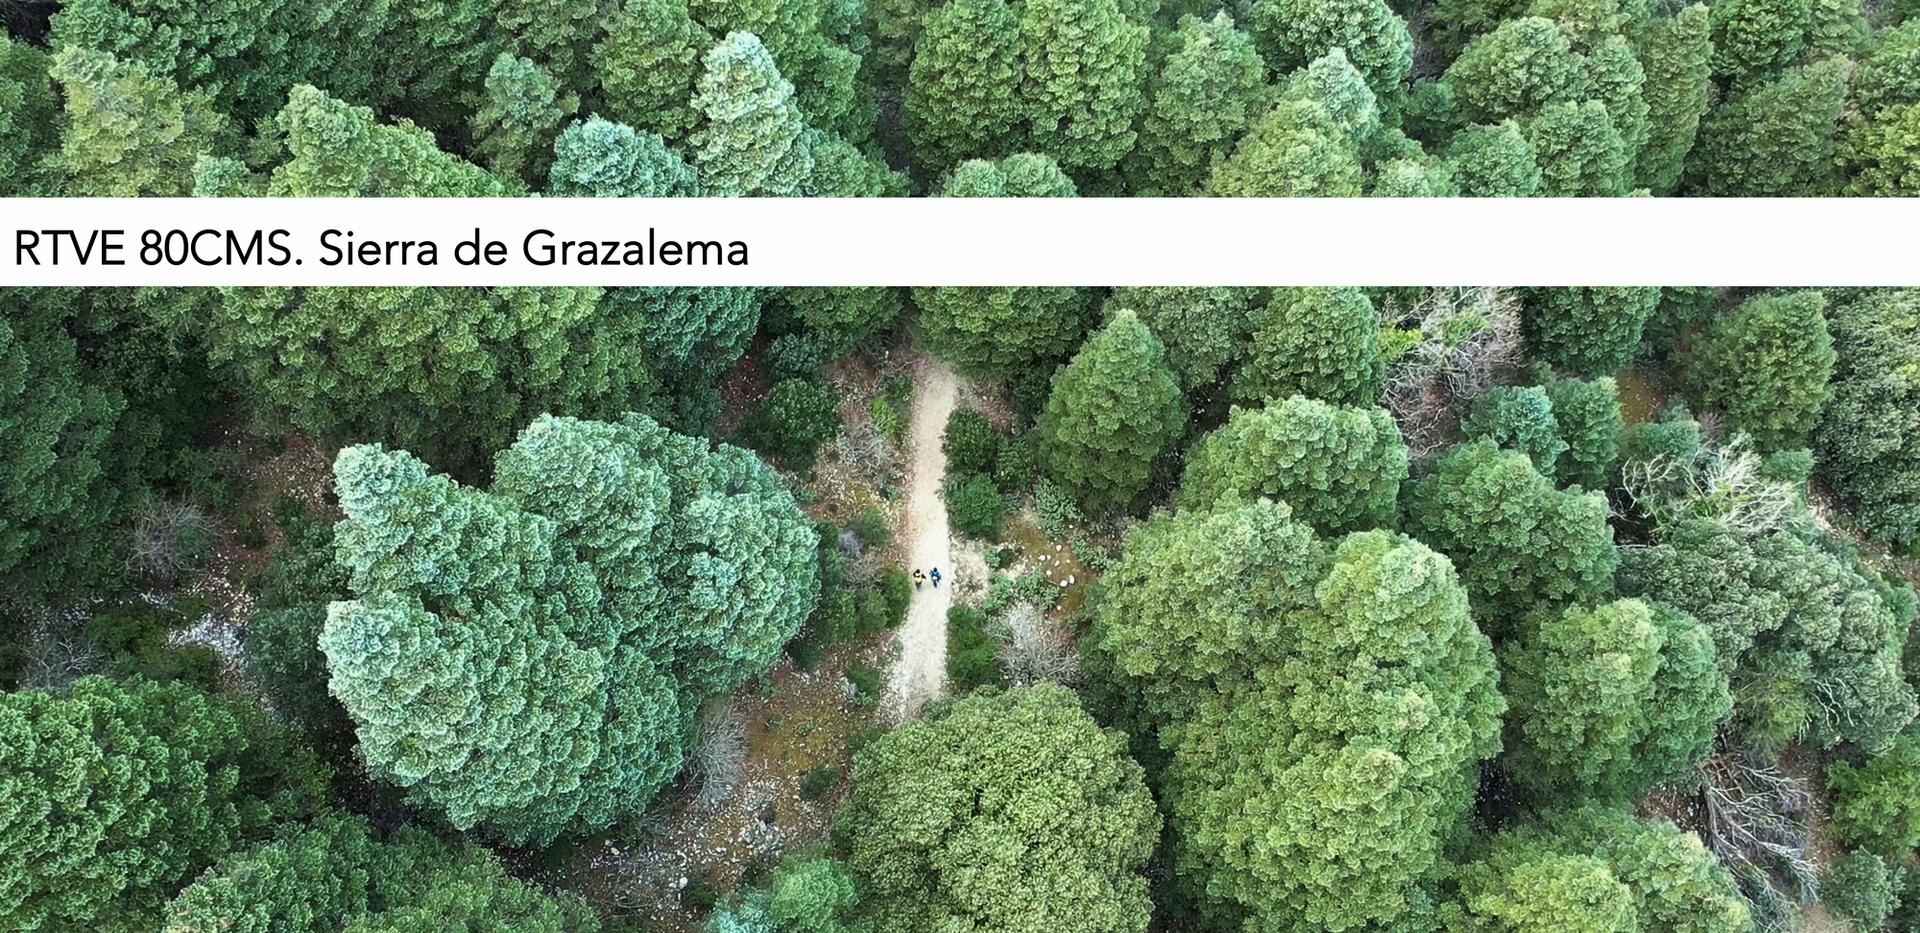 Sierra de Gazalema